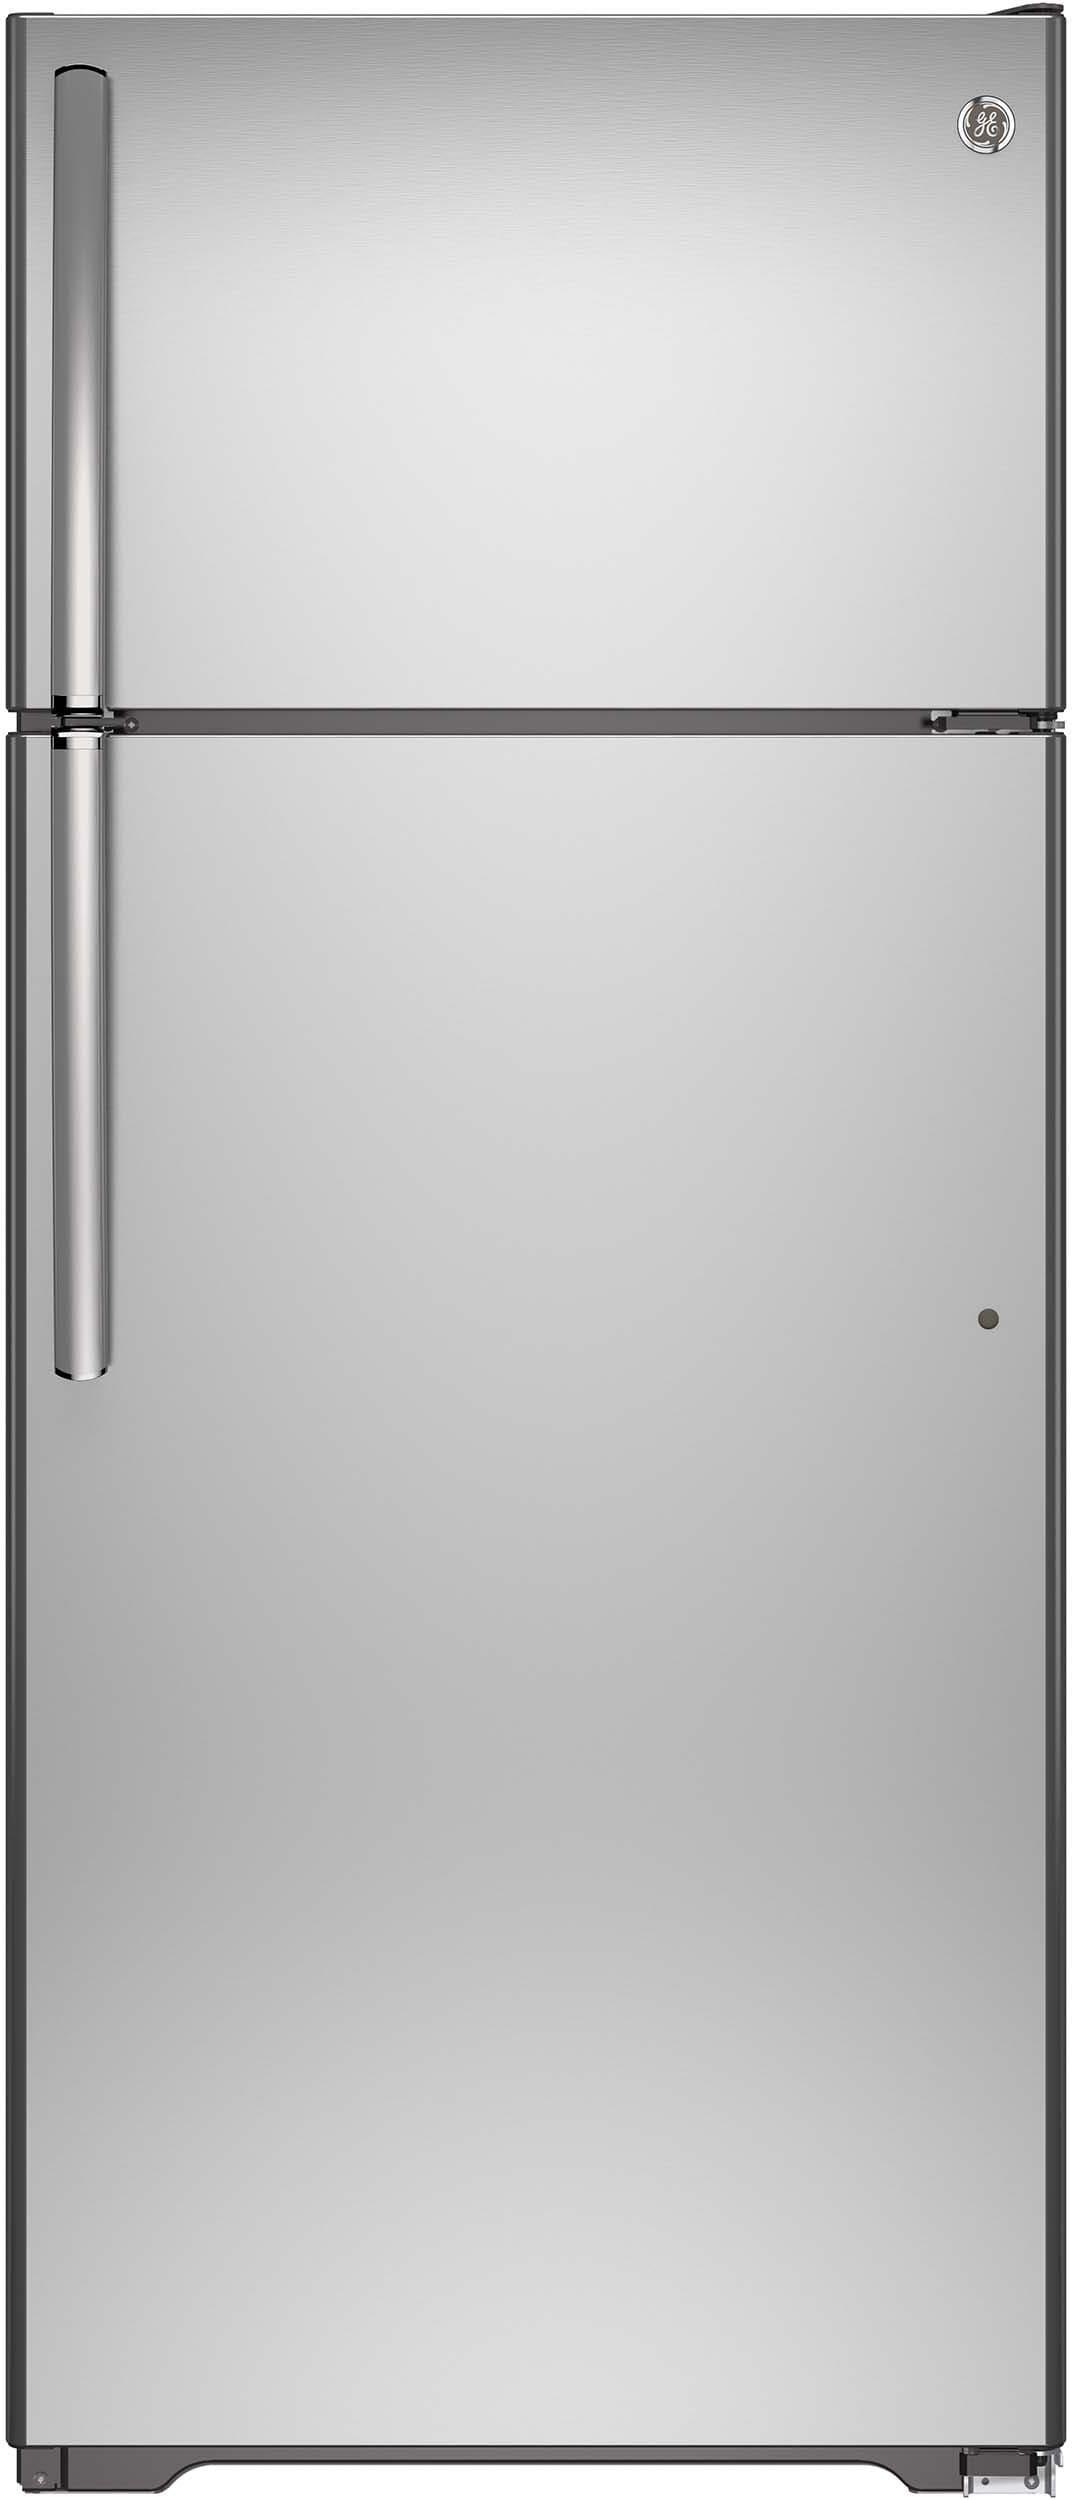 Ge Gte18gshss 28 Inch Top Freezer Refrigerator With 17 5